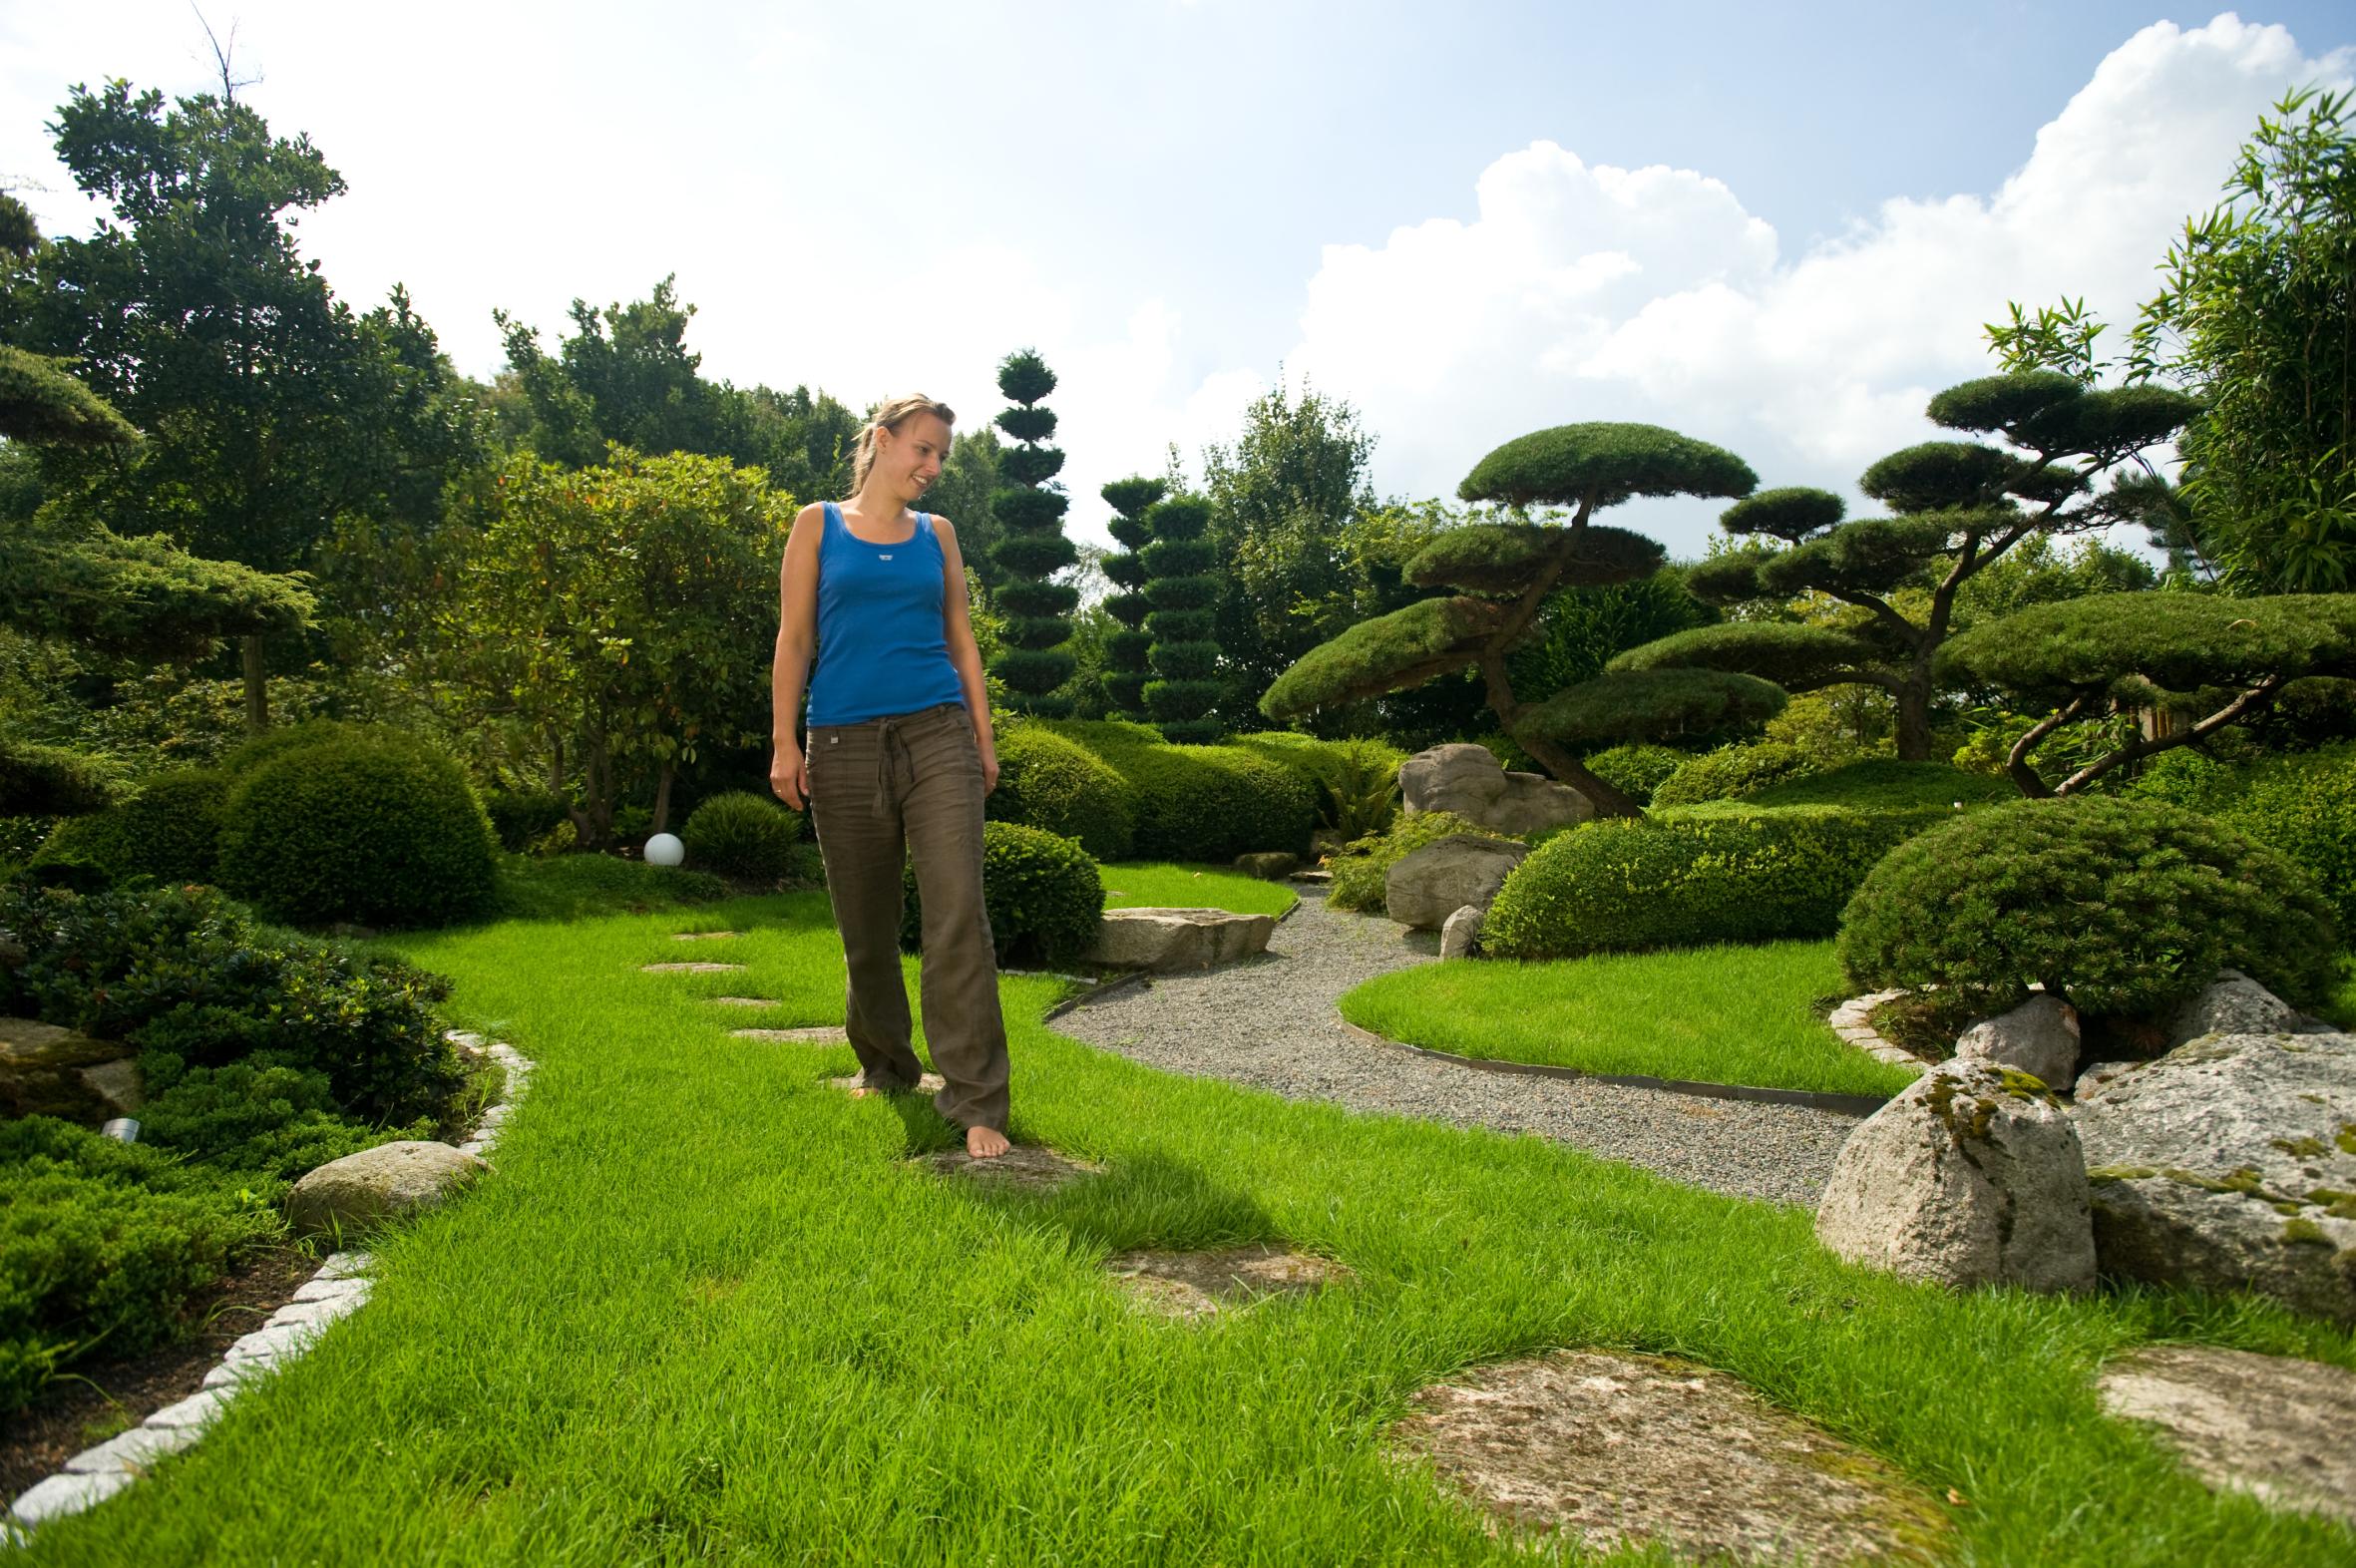 Im Grünen lustwandeln – über den Erholungsfaktor von Gärten und Parks